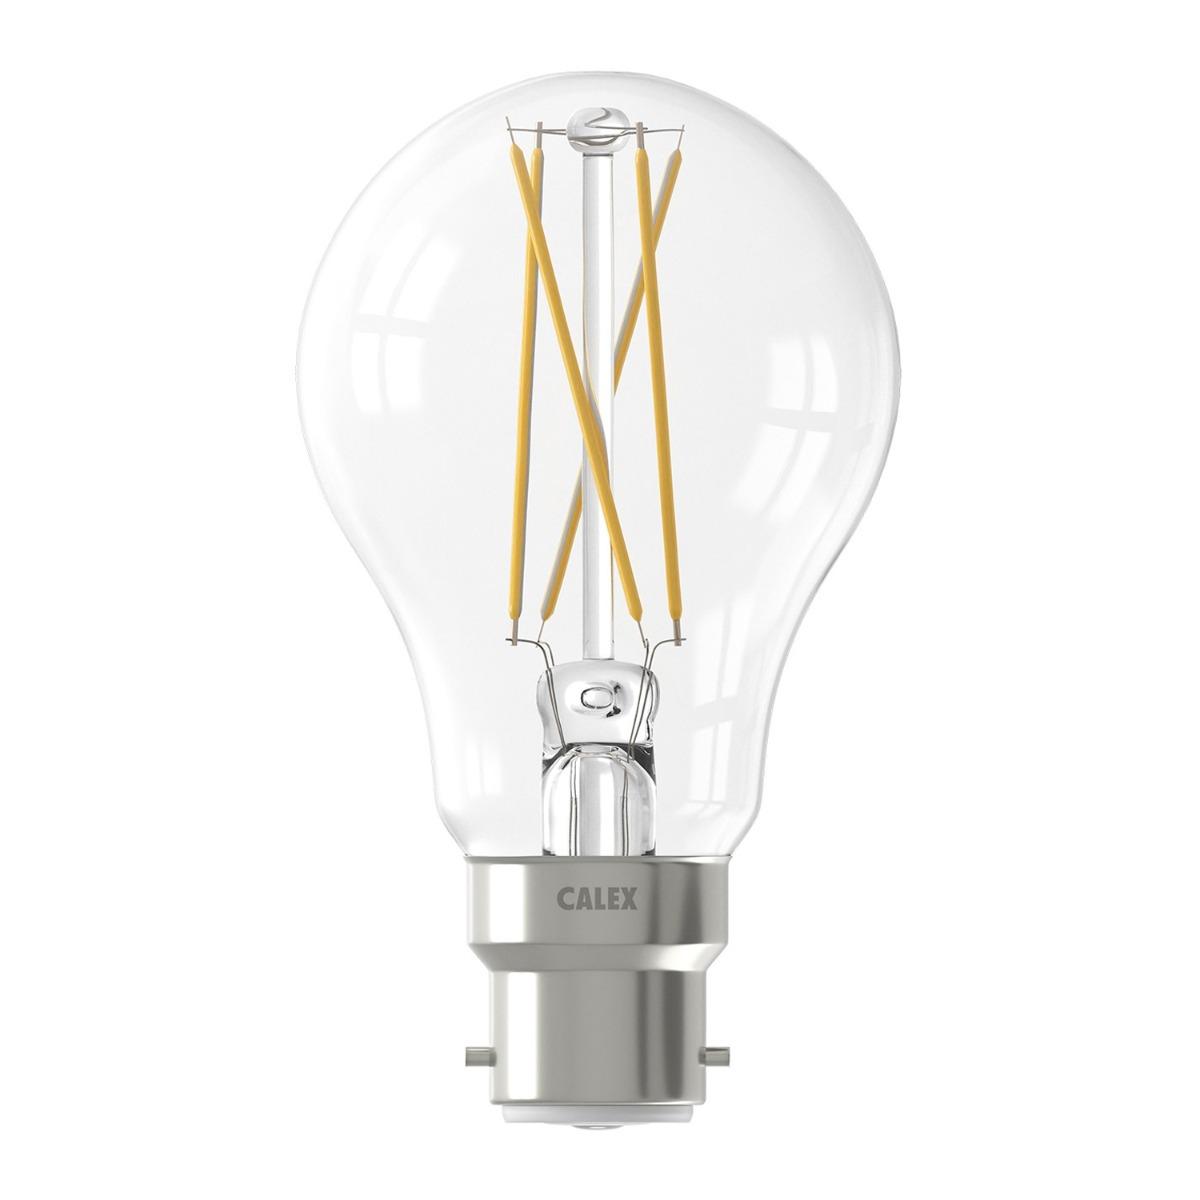 Bilde av Calex Smart Standard Led Pære B22 7w 806lm 1800-3000k Filament | Tuya Wifi - Innstillbar Hvit